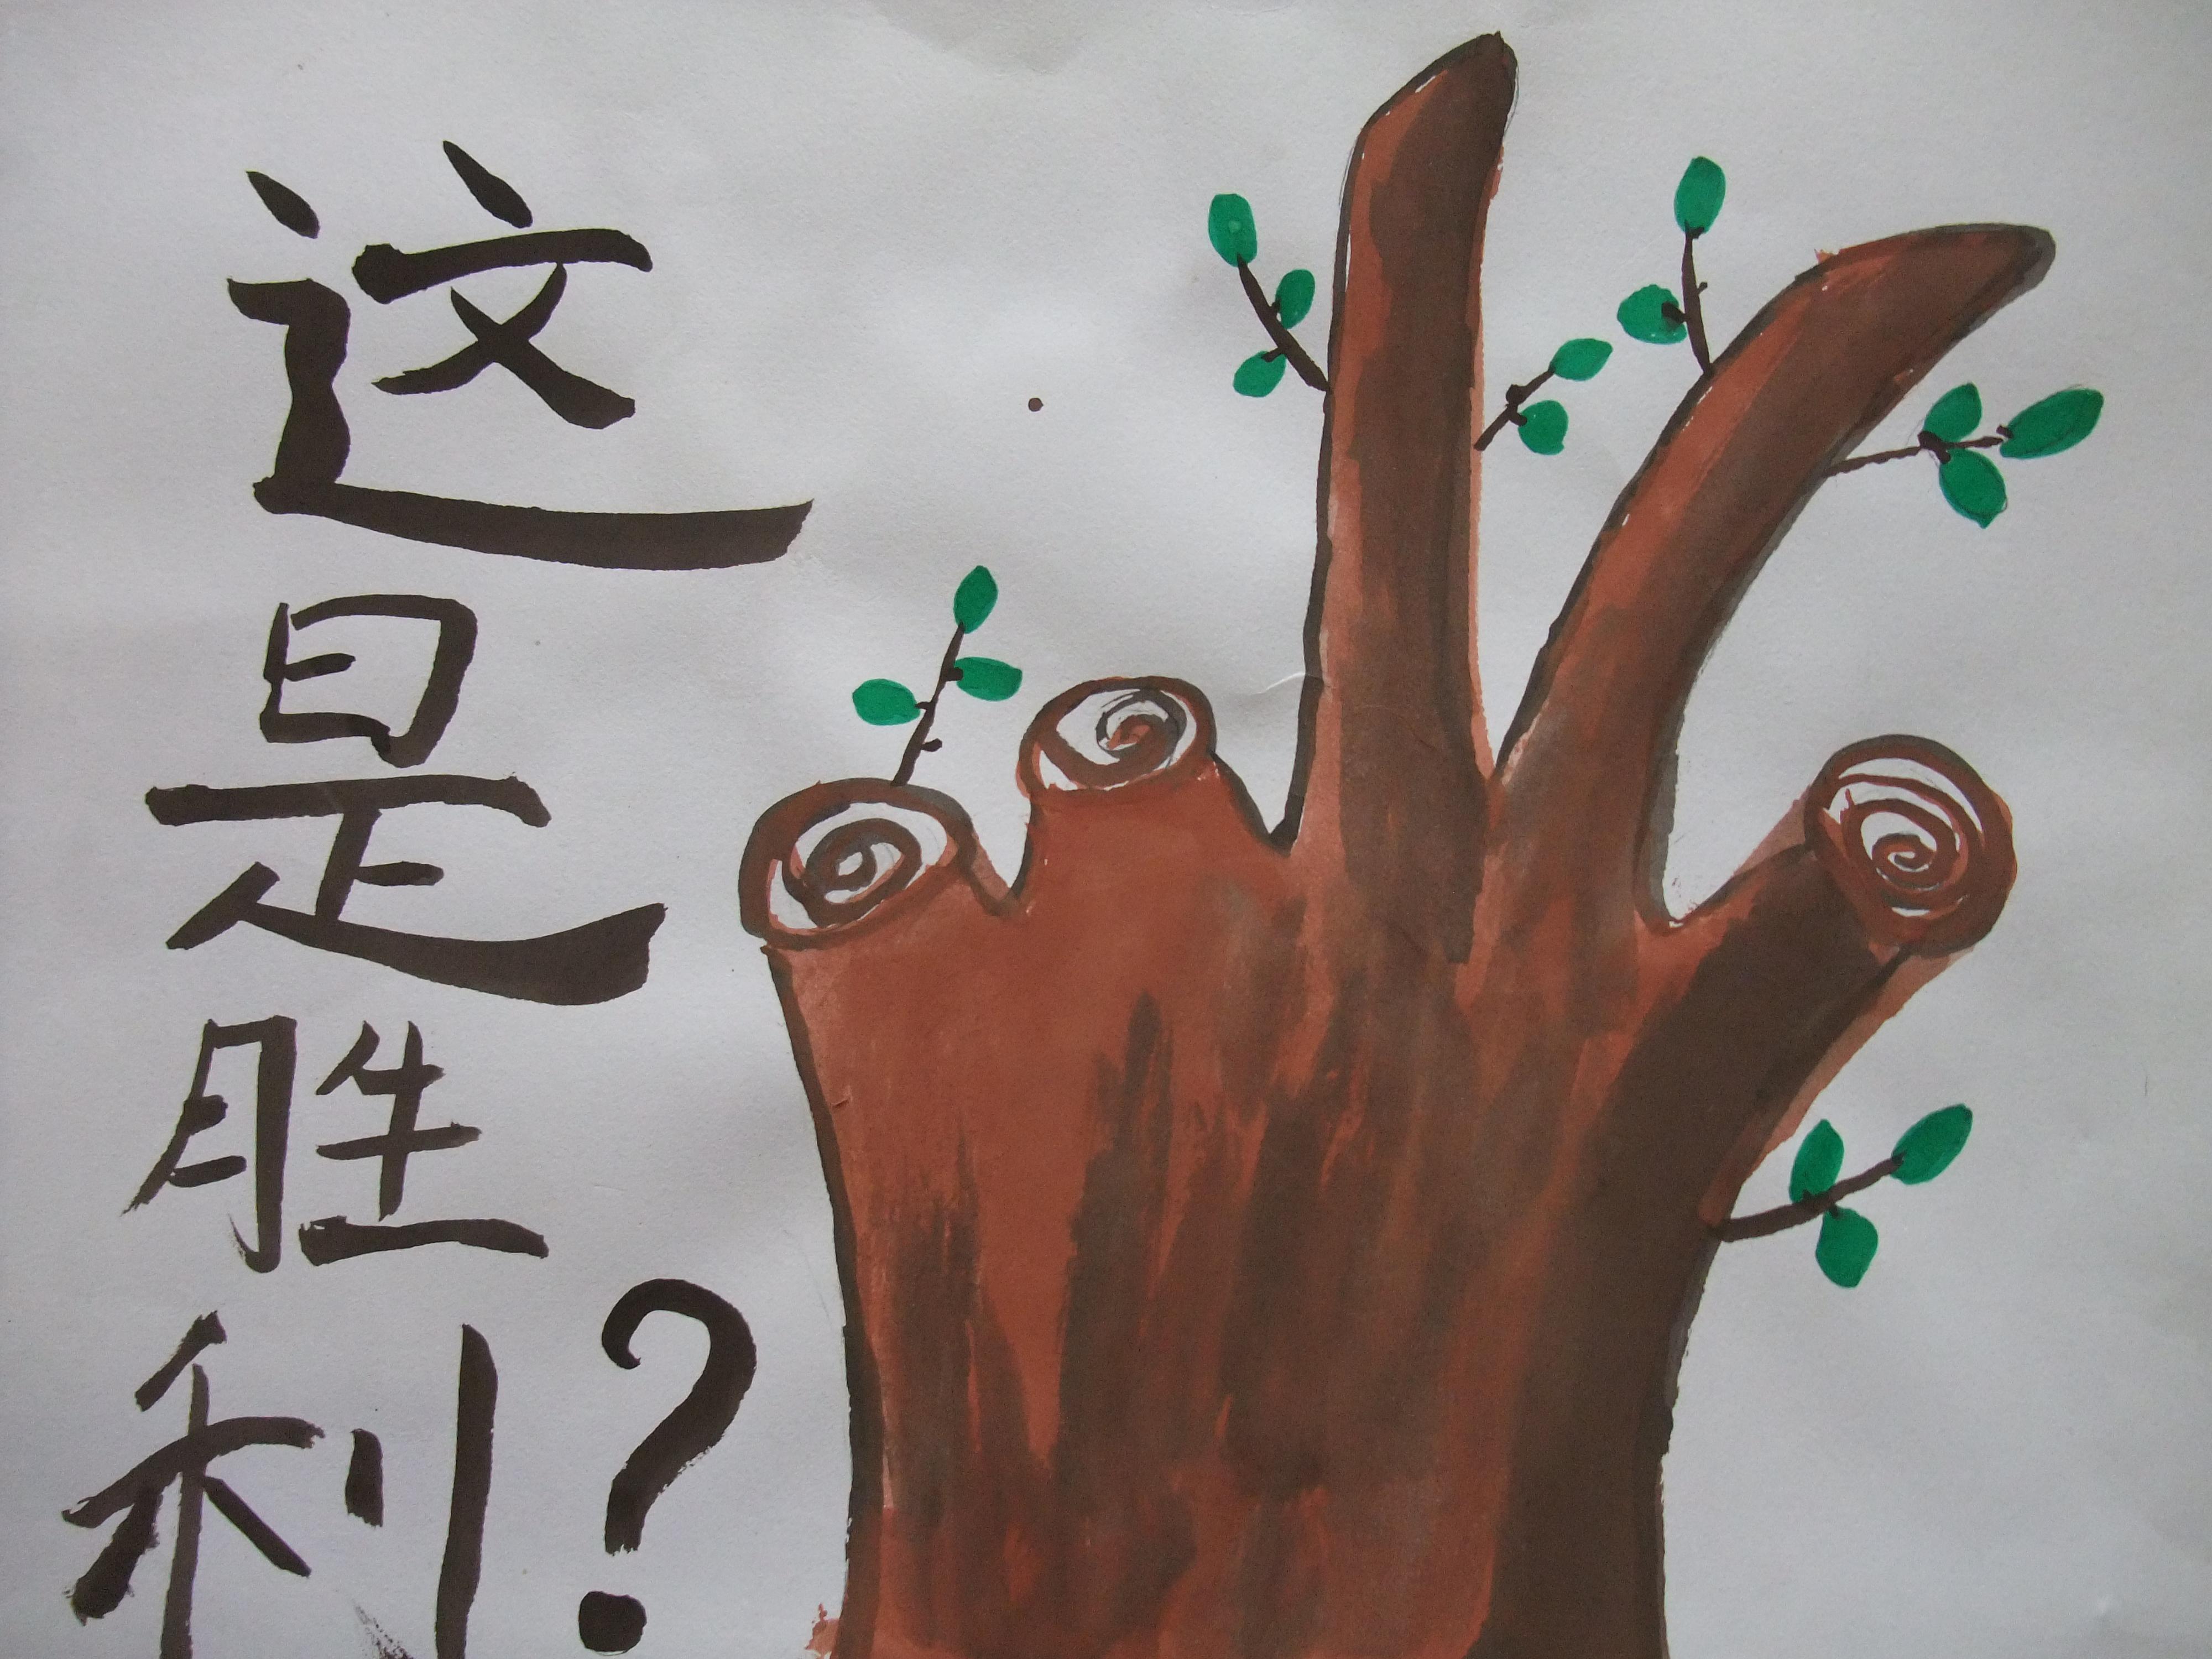 是指砍伐森林对地球带来的严重伤害,呼吁人们保护森林,禁止砍伐树木.图片